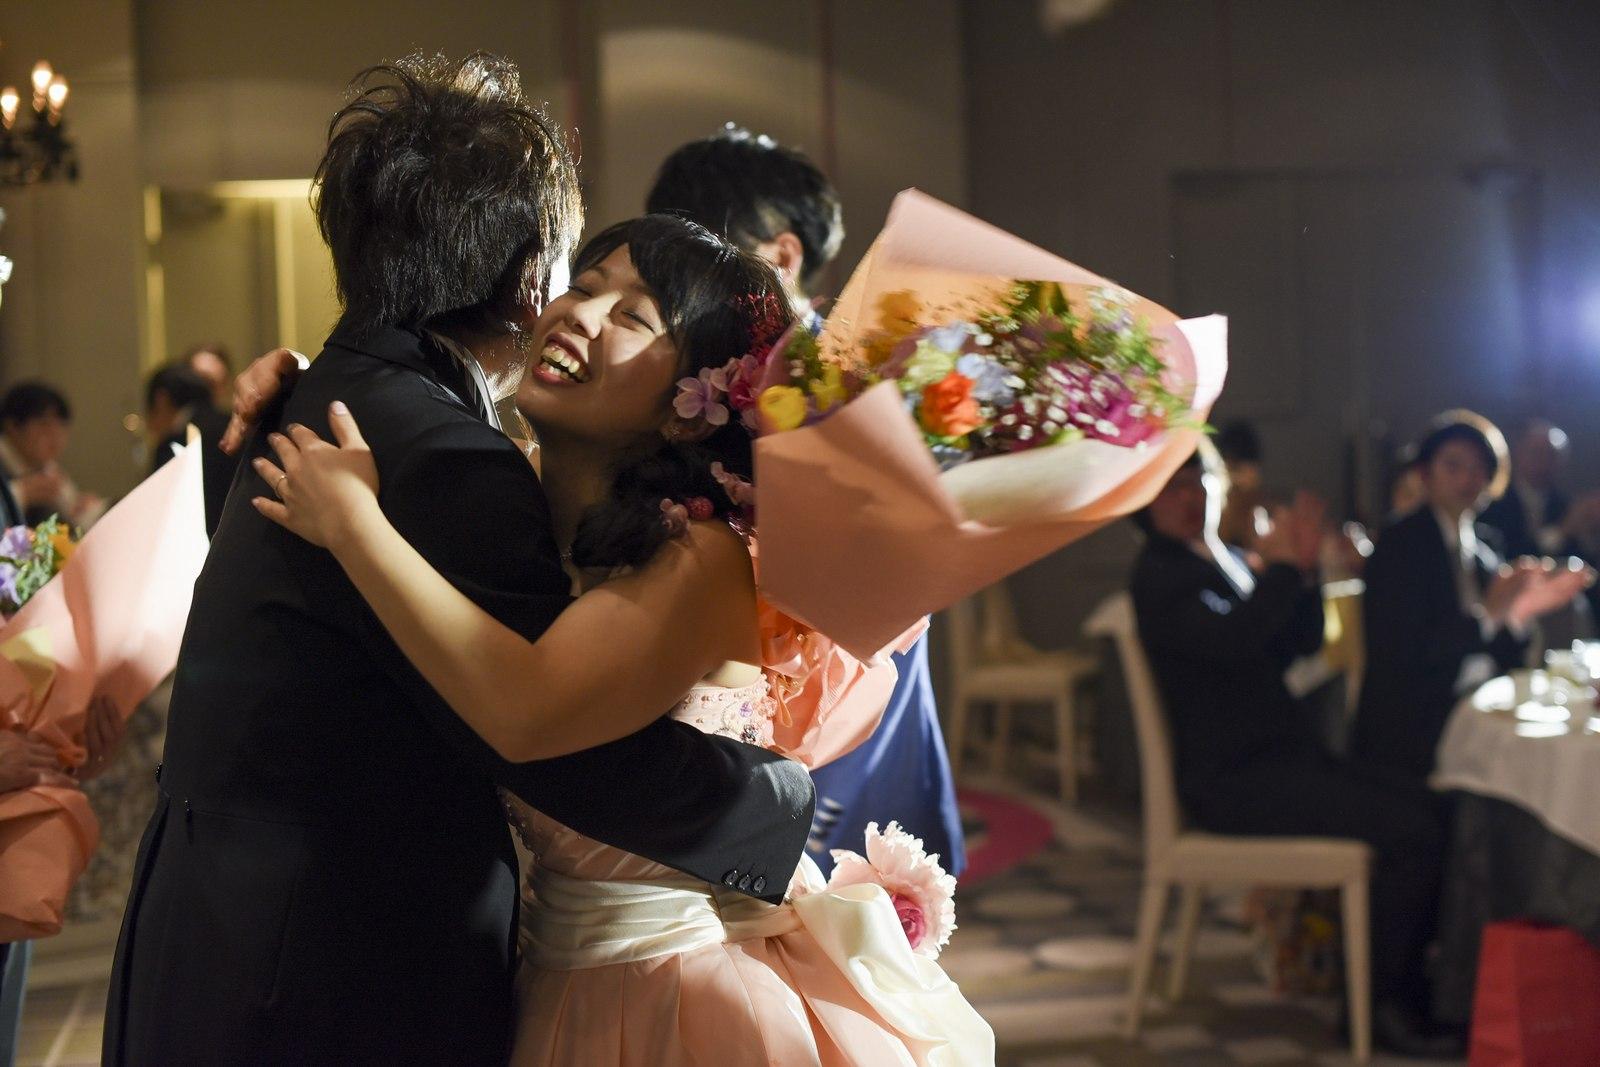 徳島市の結婚式場ブランアンジュでお父様にハグする新婦